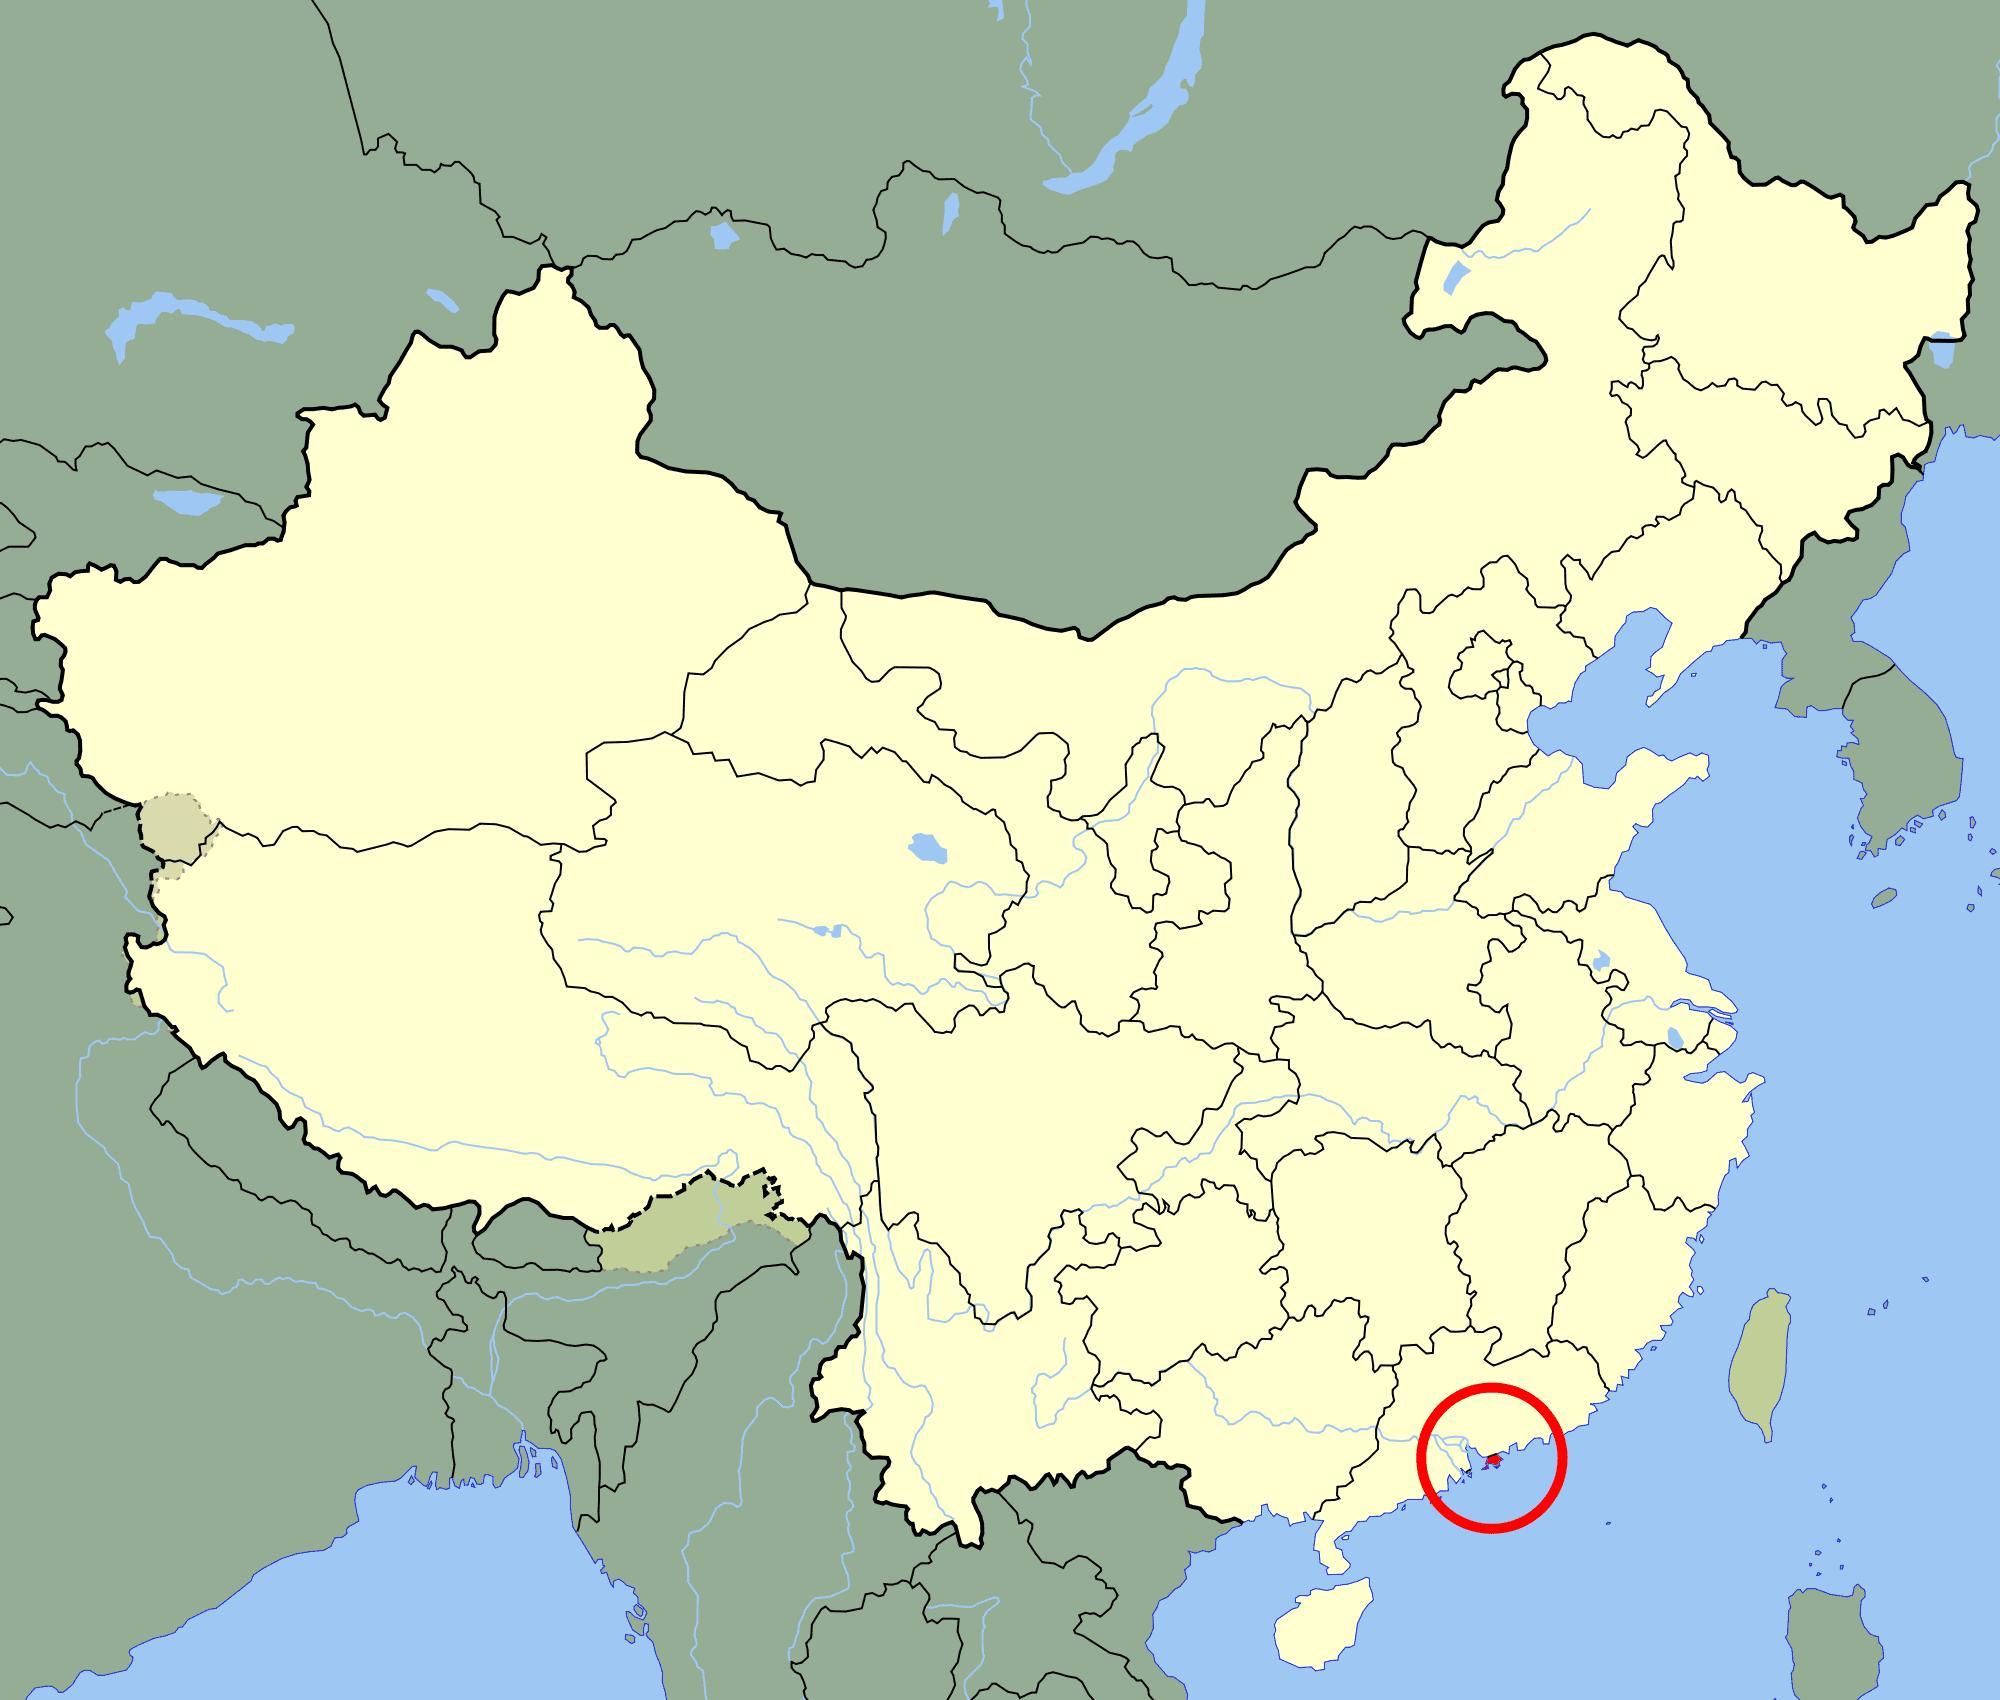 Karte China Hong Kong.Hong Kong On Map Hongkongmap China